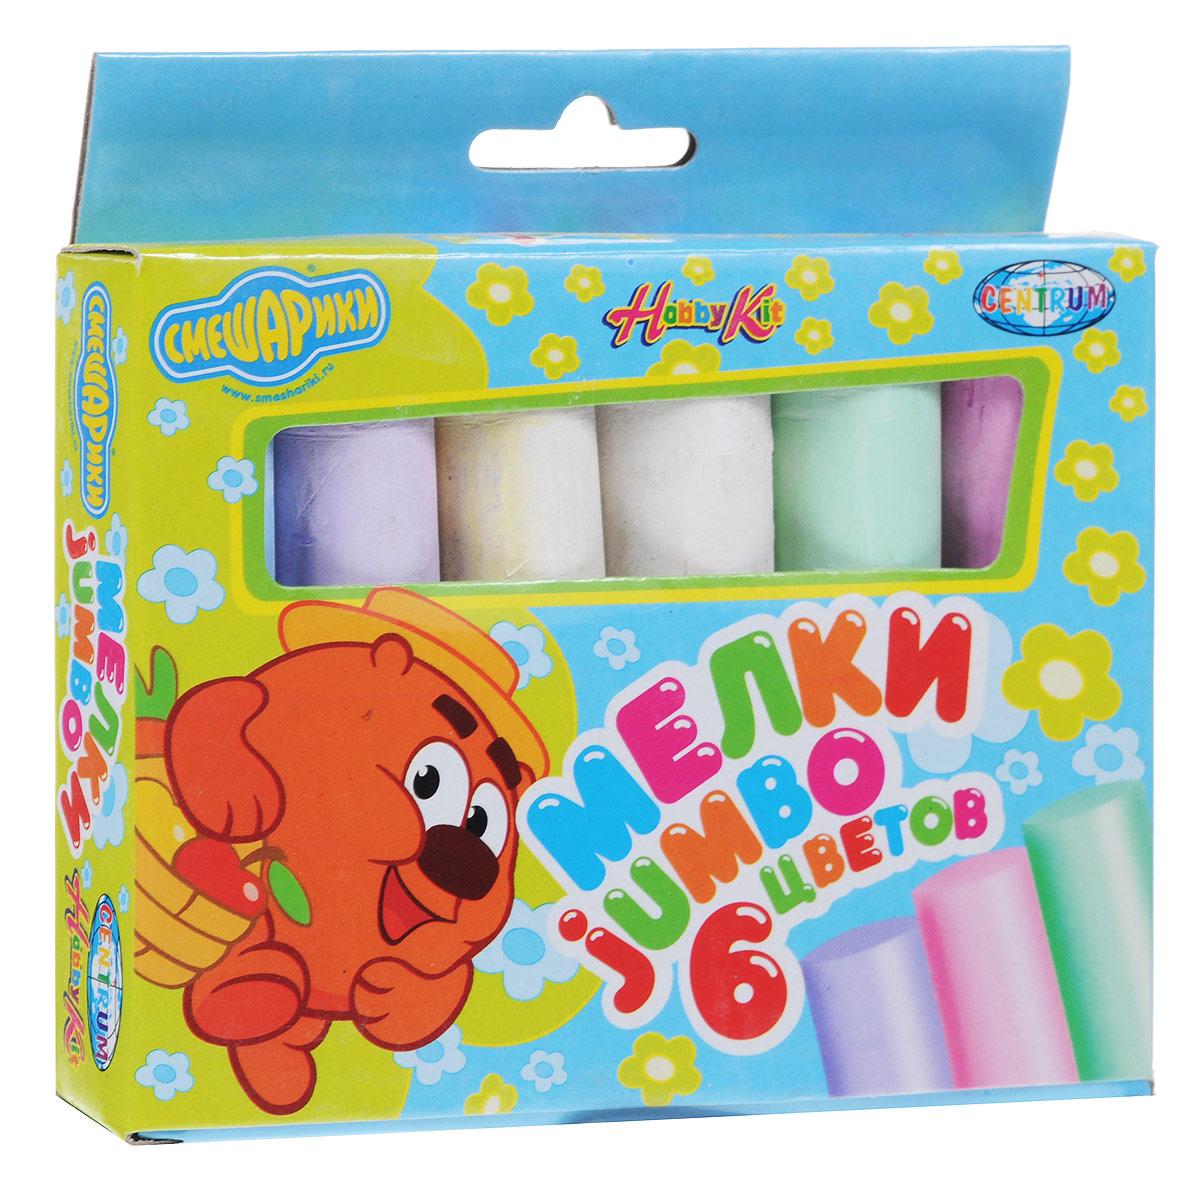 Мелки цветные Смешарики Jumbo, 6 цветов83979Цветные мелки Смешарики Jumbo с круглым корпусом помогут юным художникам преобразить мир вокруг. Их утолщенная форма создана специально для маленьких детских ручек, поэтому малышам очень удобно ими пользоваться. Мелки пригодятся для игры в классики, помогут создать огромные картины на асфальте и прекрасные рисунки на доске дома, в школе или в детском саду.В комплекте два мелка белого цвета и четыре мелка зеленого, фиолетового, голубого и розового цветов. С их помощью малыш сможет создать яркие, радостные и неповторимые картины.